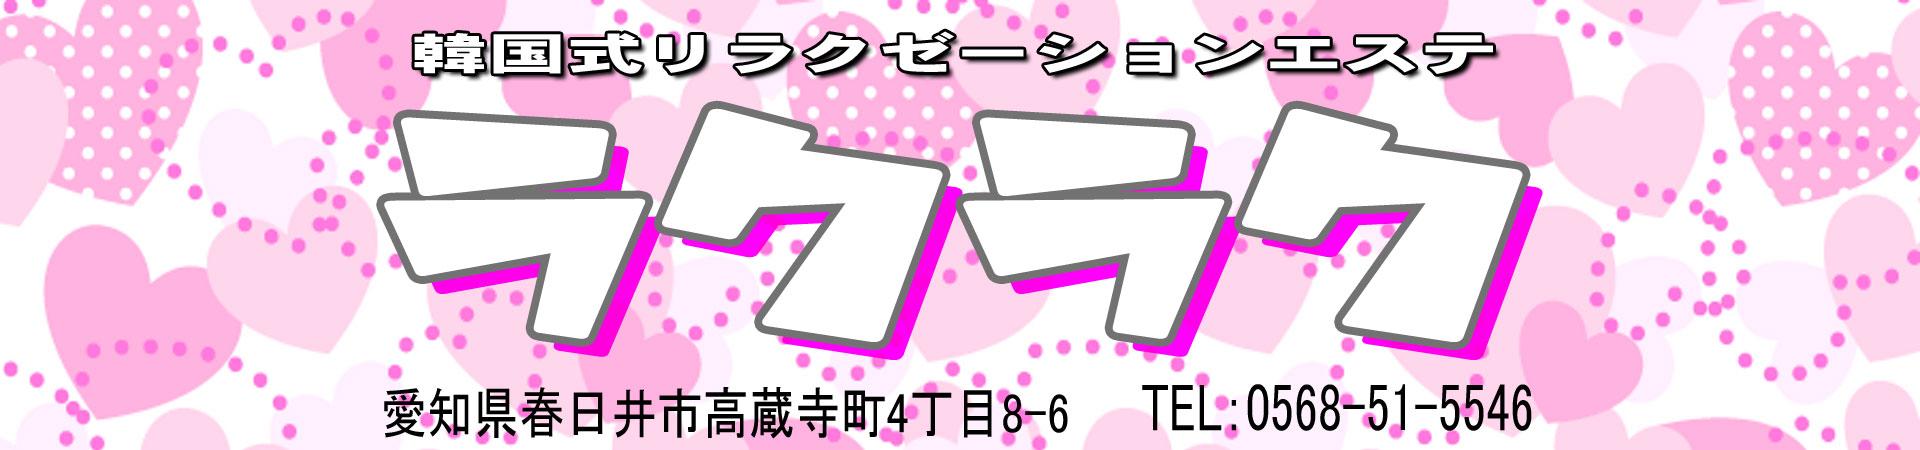 【ラクラク】高蔵寺/愛知